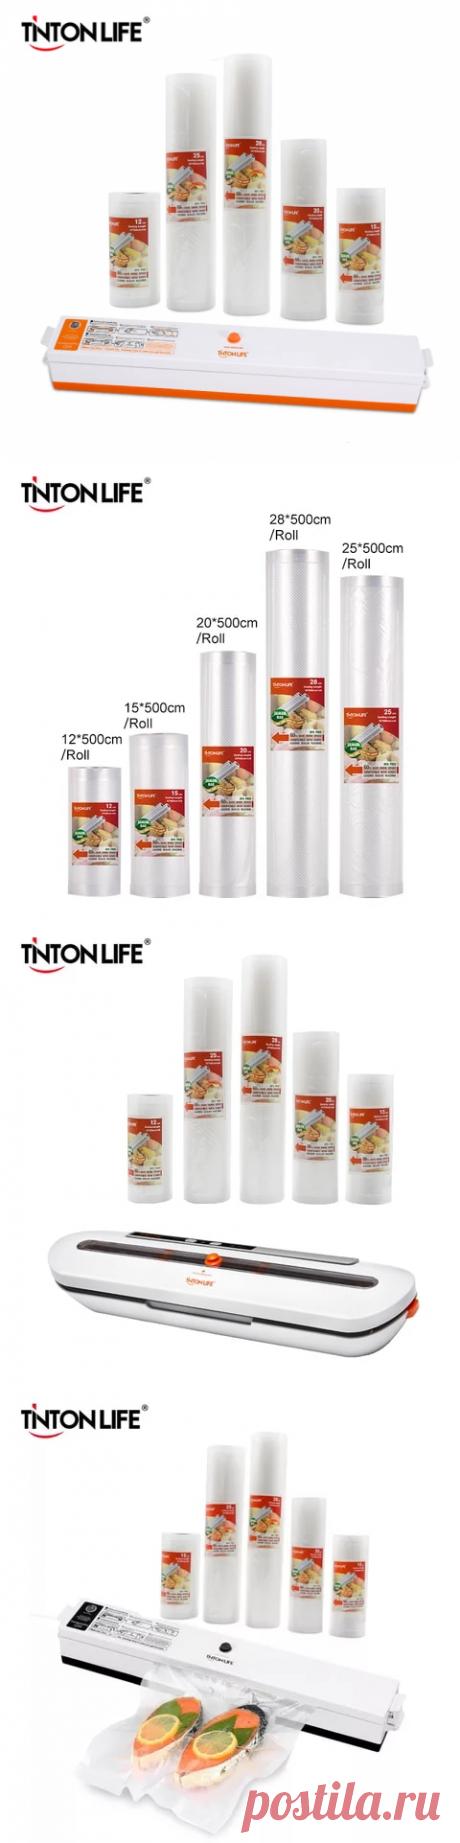 Вакуумный упаковщик пищевых продуктов TINTON LIFE, 5 рулонов пакетов, 12 Х500 см, 15 Х500 см, 20 Х500 см, 25 Х500 см, 28 Х500 см | vacuum food sealer|food sealerfood vacuum sealer